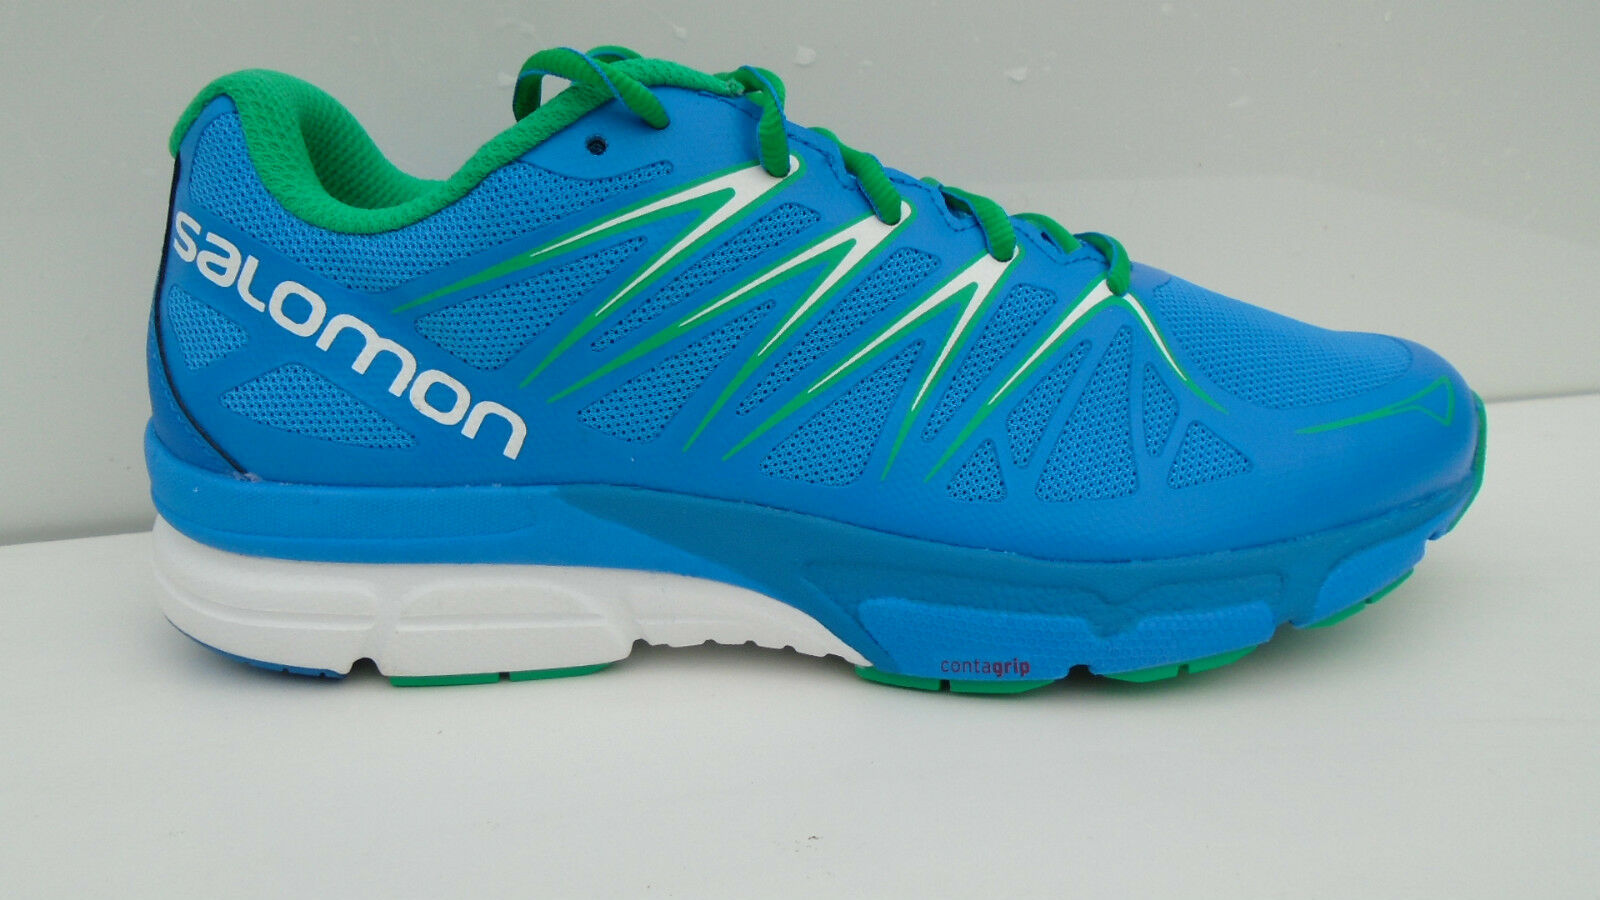 Salomon X-Scream Foil Blau Herren Trail Laufschuhe Running Schuhe Wanderschuhe